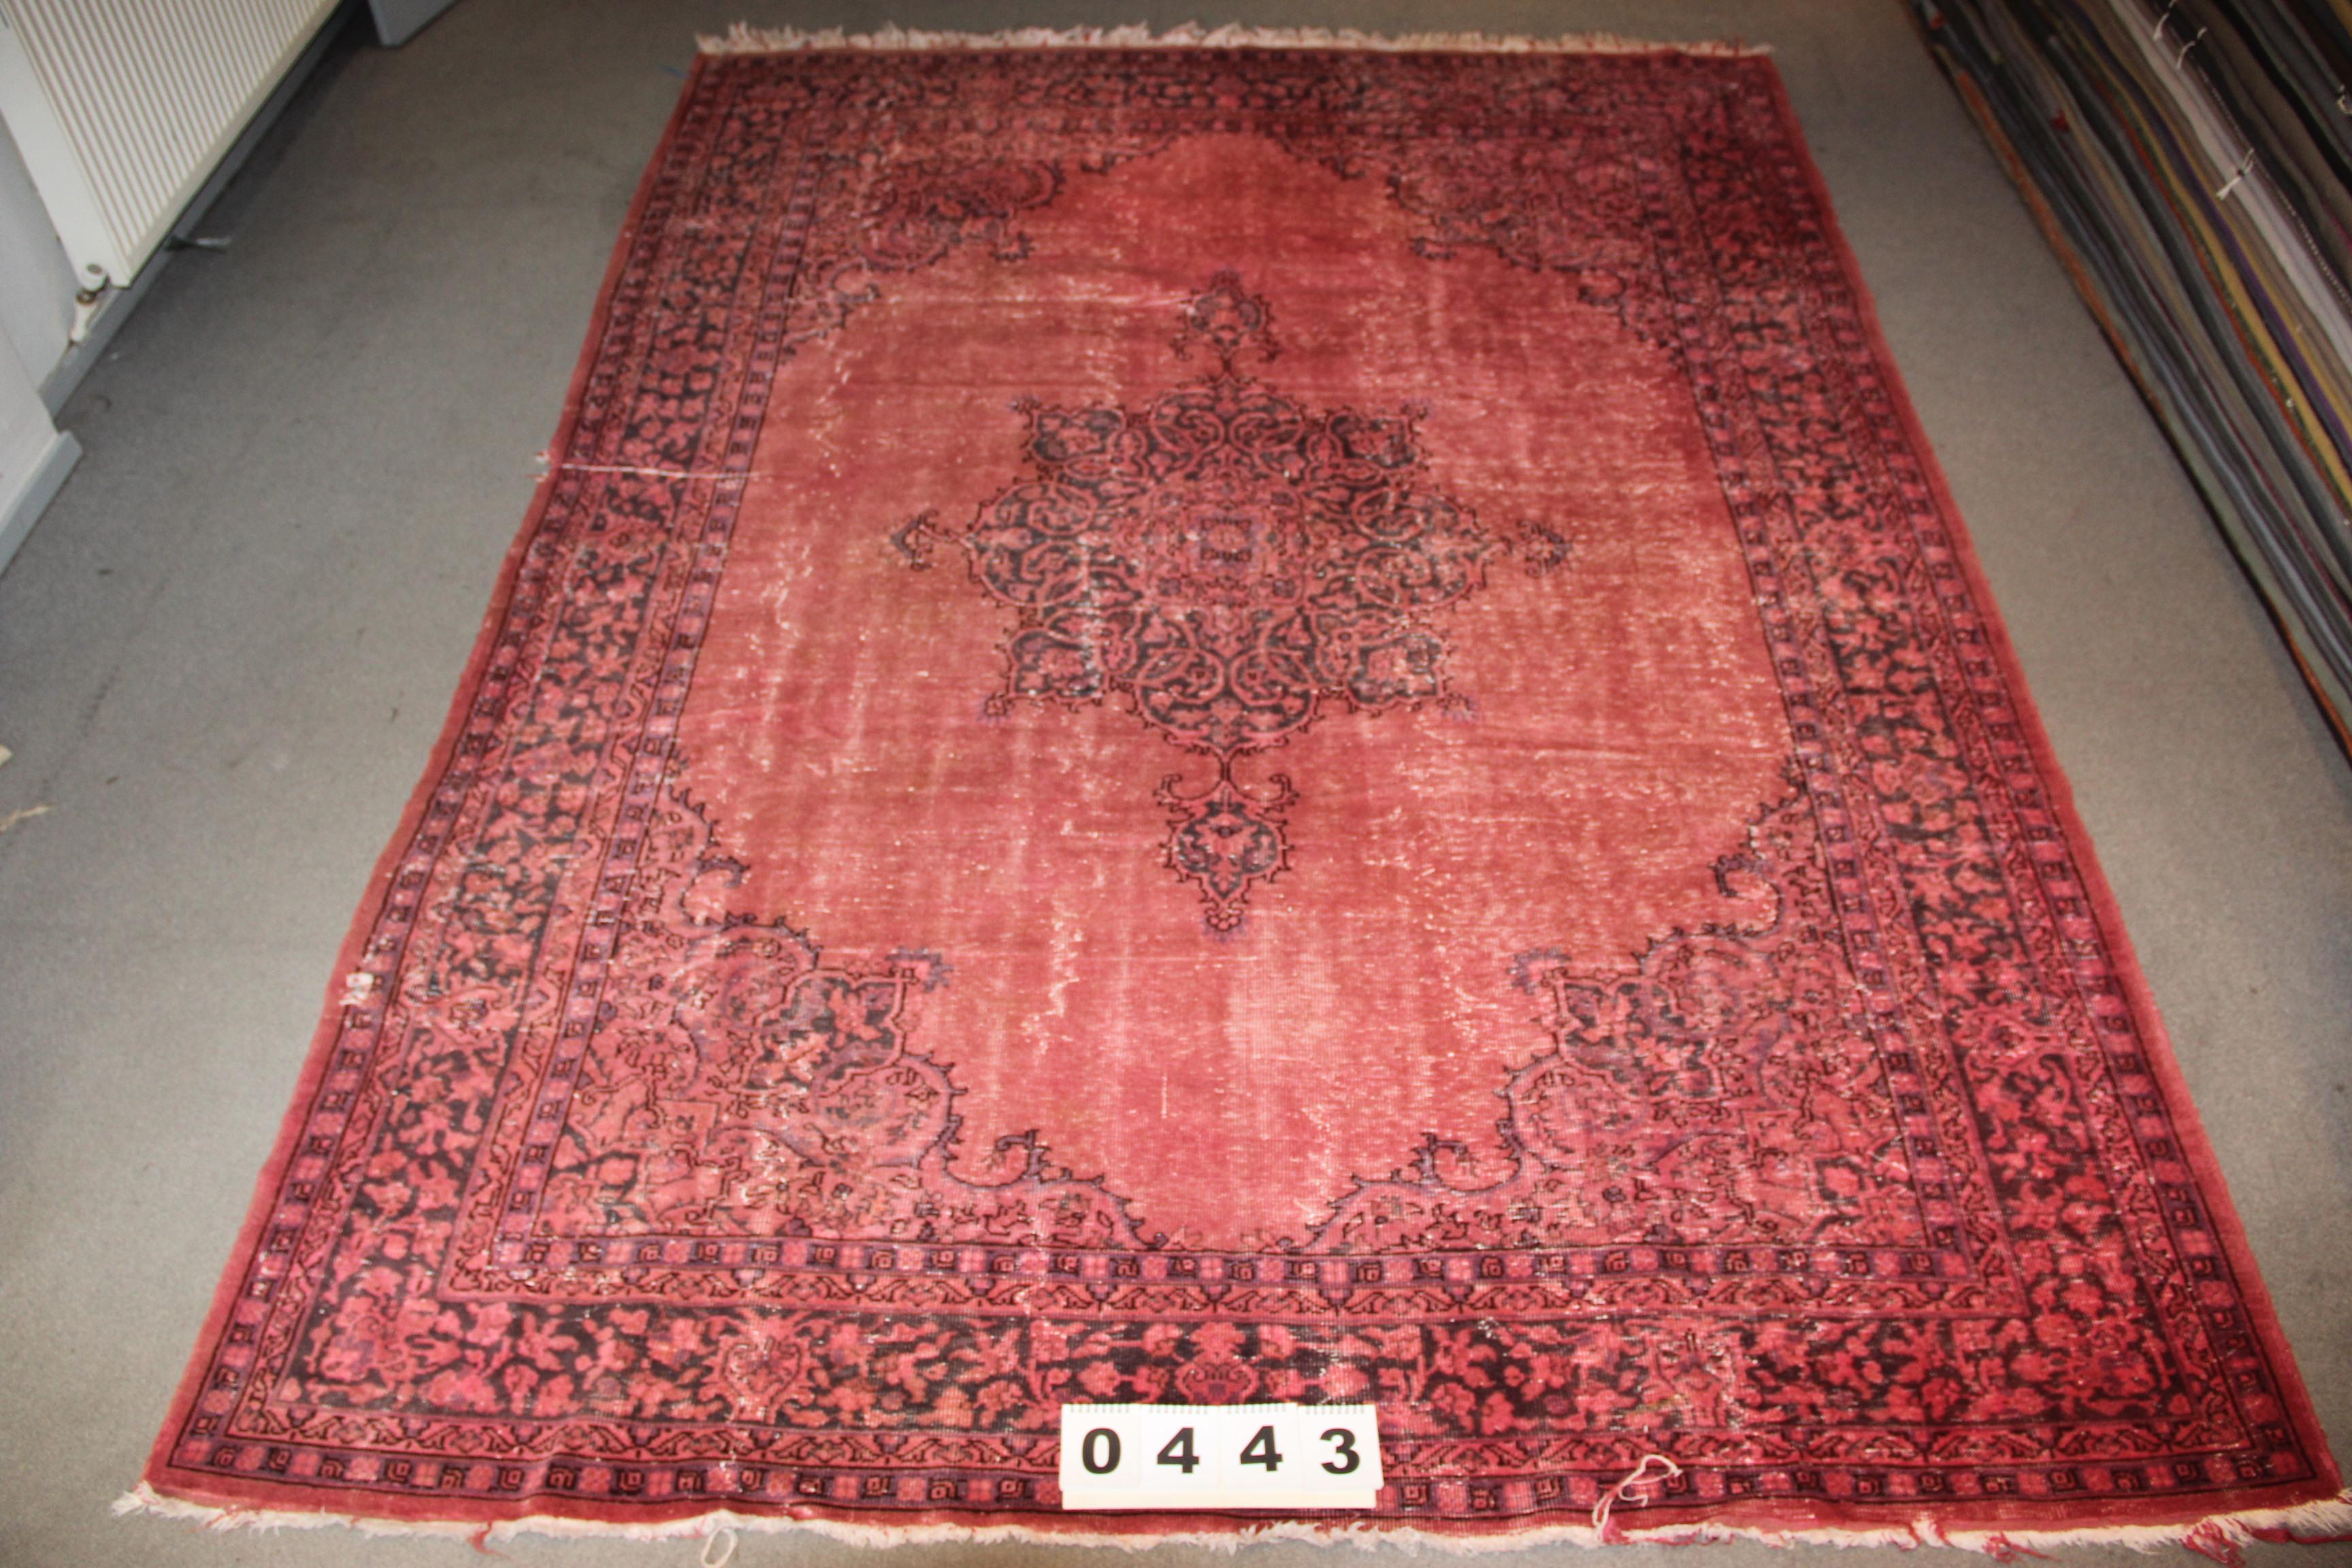 Rood recoloured vloerkleed 443 (325cm x 238cm) Oud tapijt wat een nieuwe hippe trendy kleur heeft gekregen.